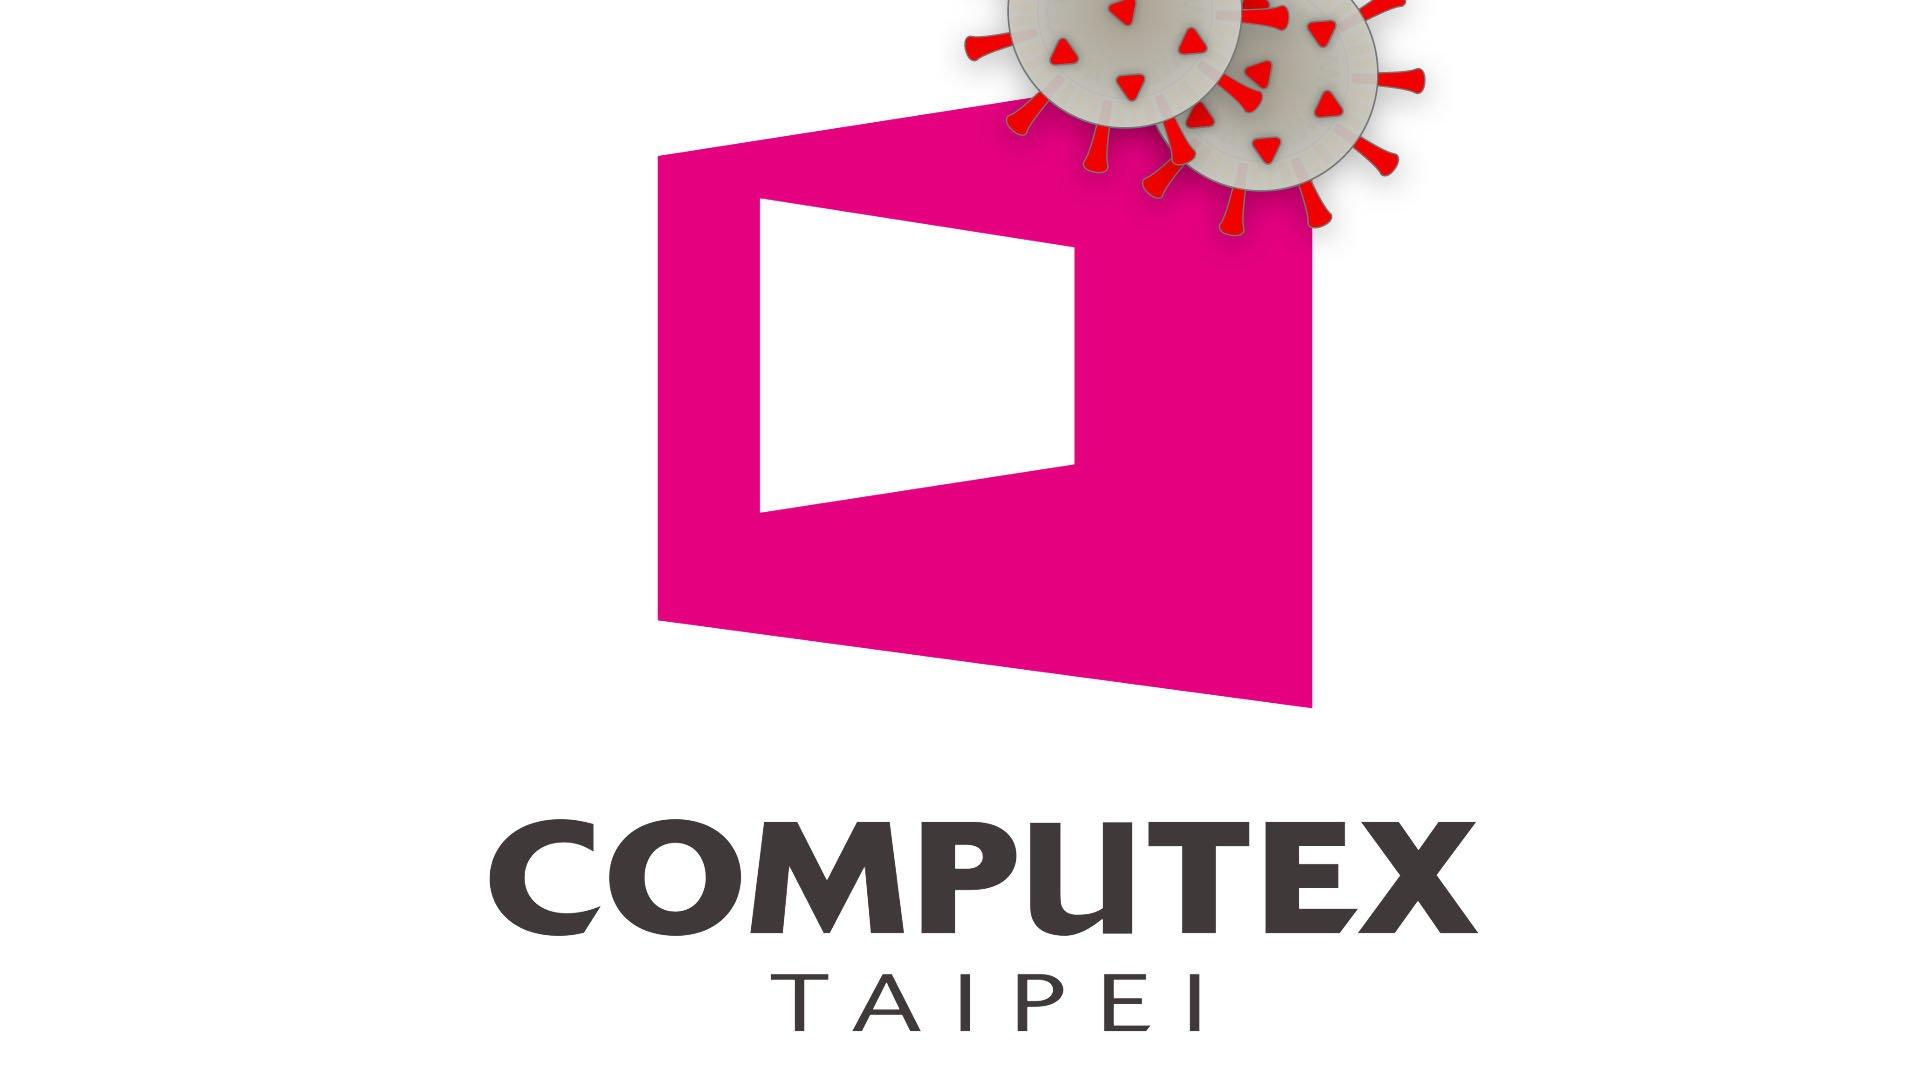 Złych wieści ciąg dalszy - targi Computex 2020 przełożone na wrzesień 17